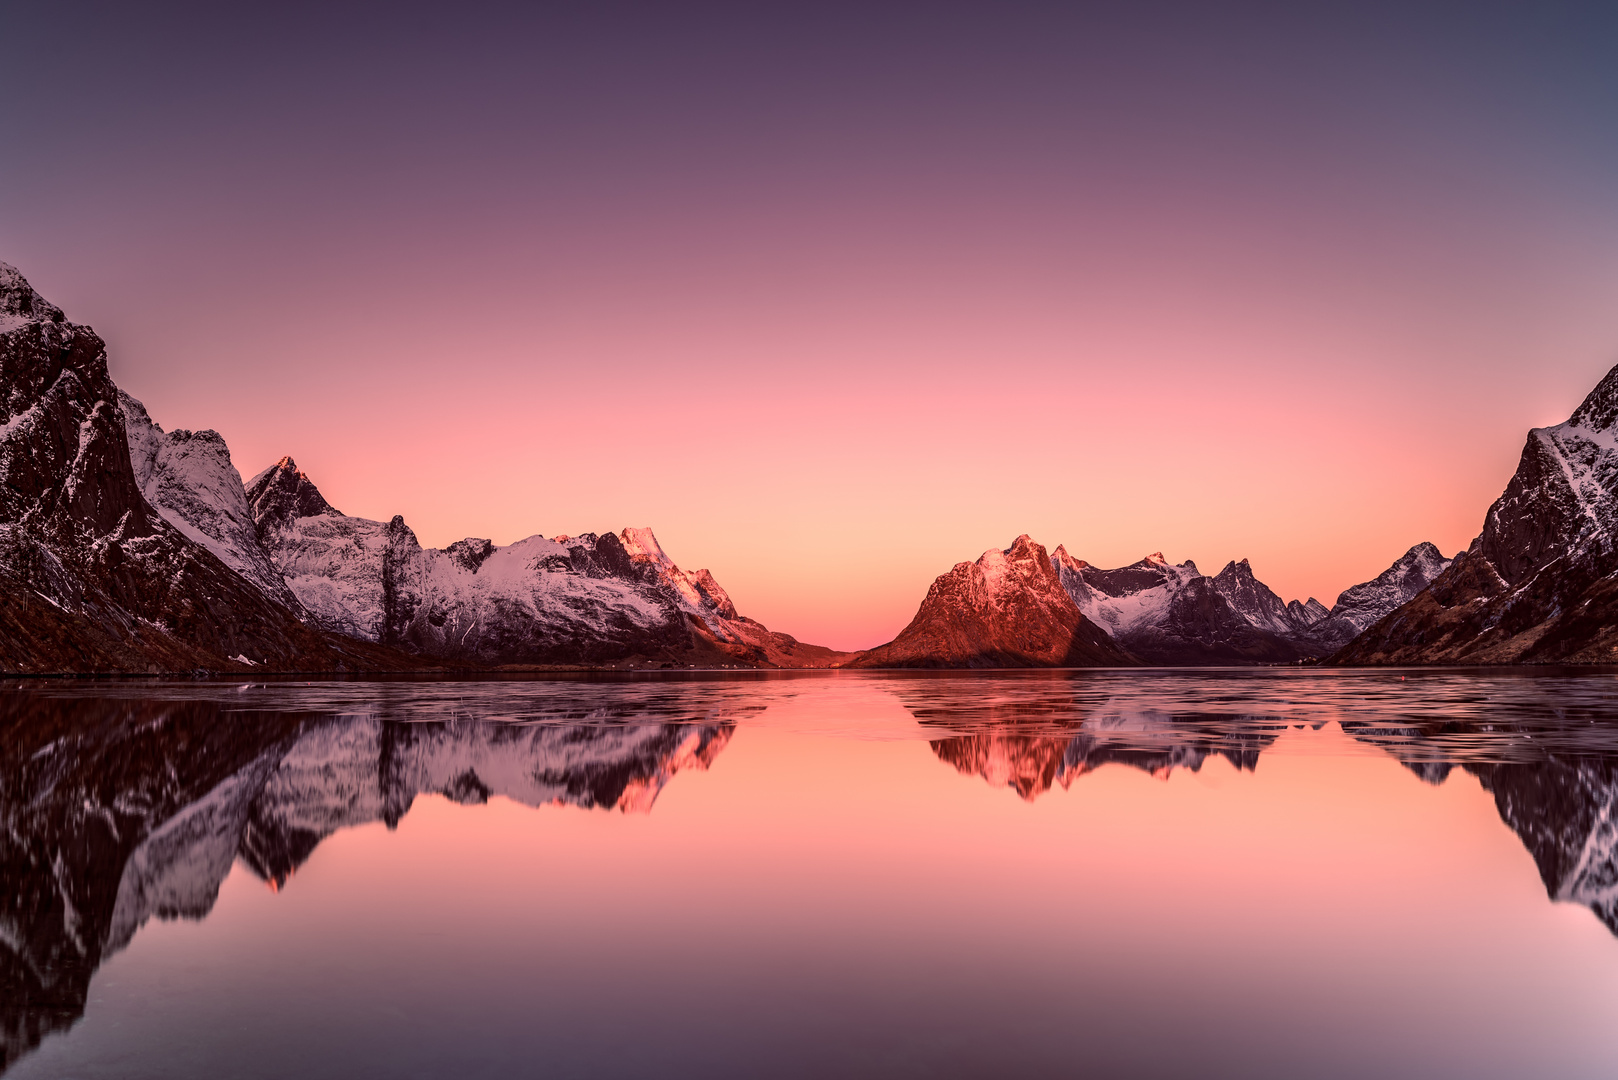 Morning in Lofoten